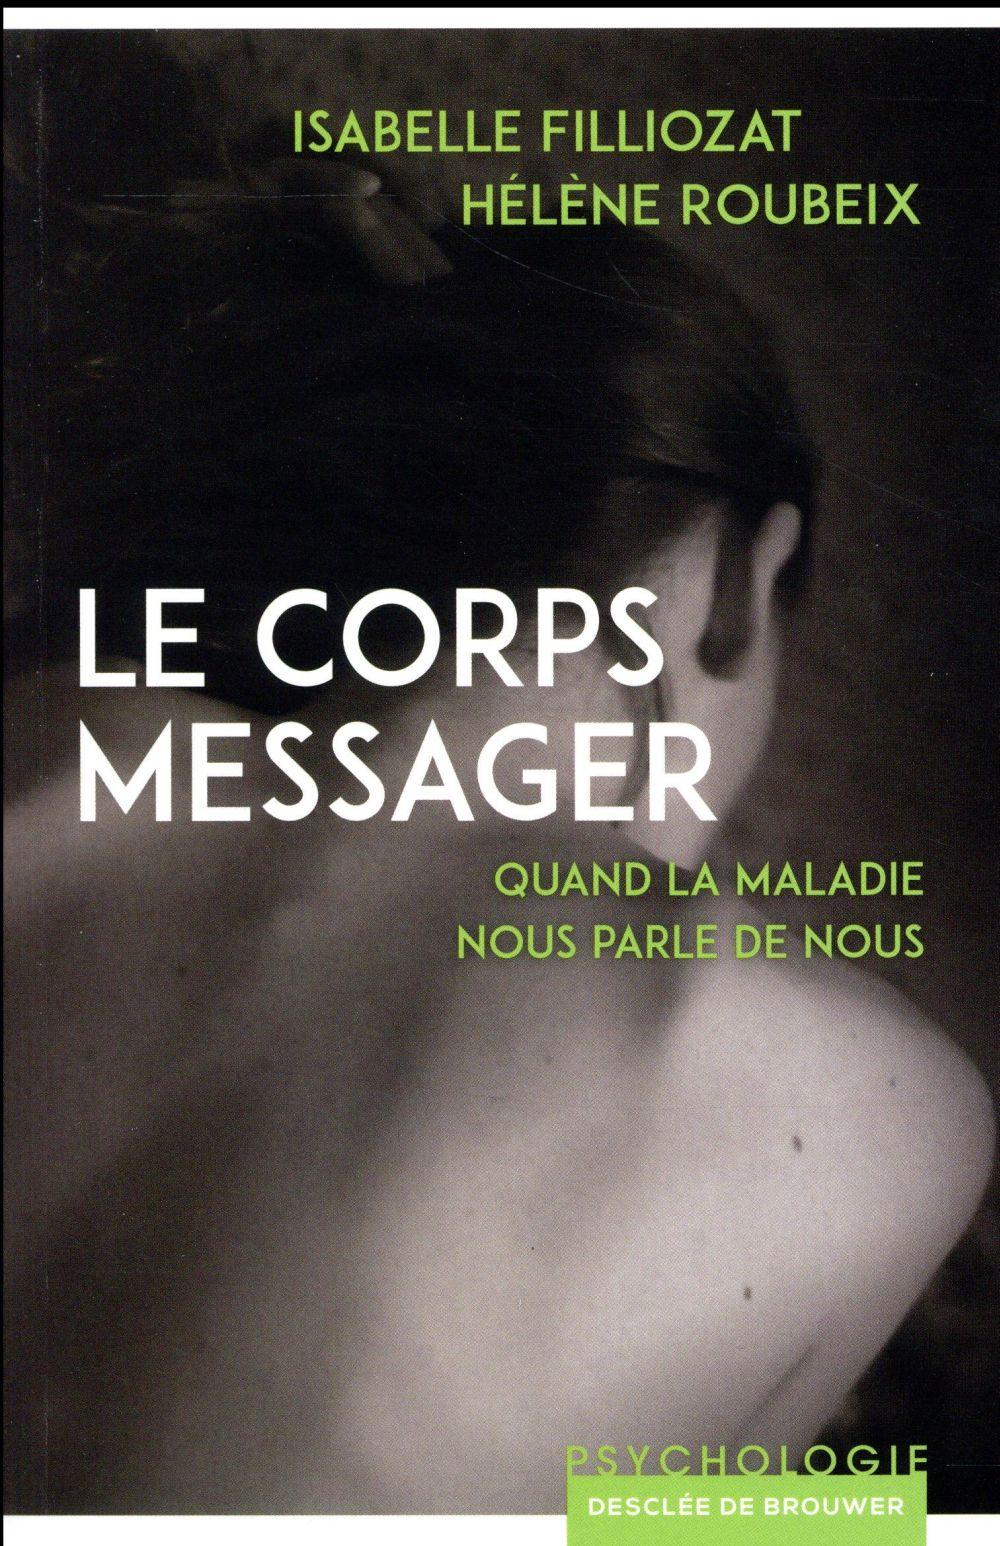 LE CORPS MESSAGER - QUAND LA MALADIE NOUS PARLE DE NOUS